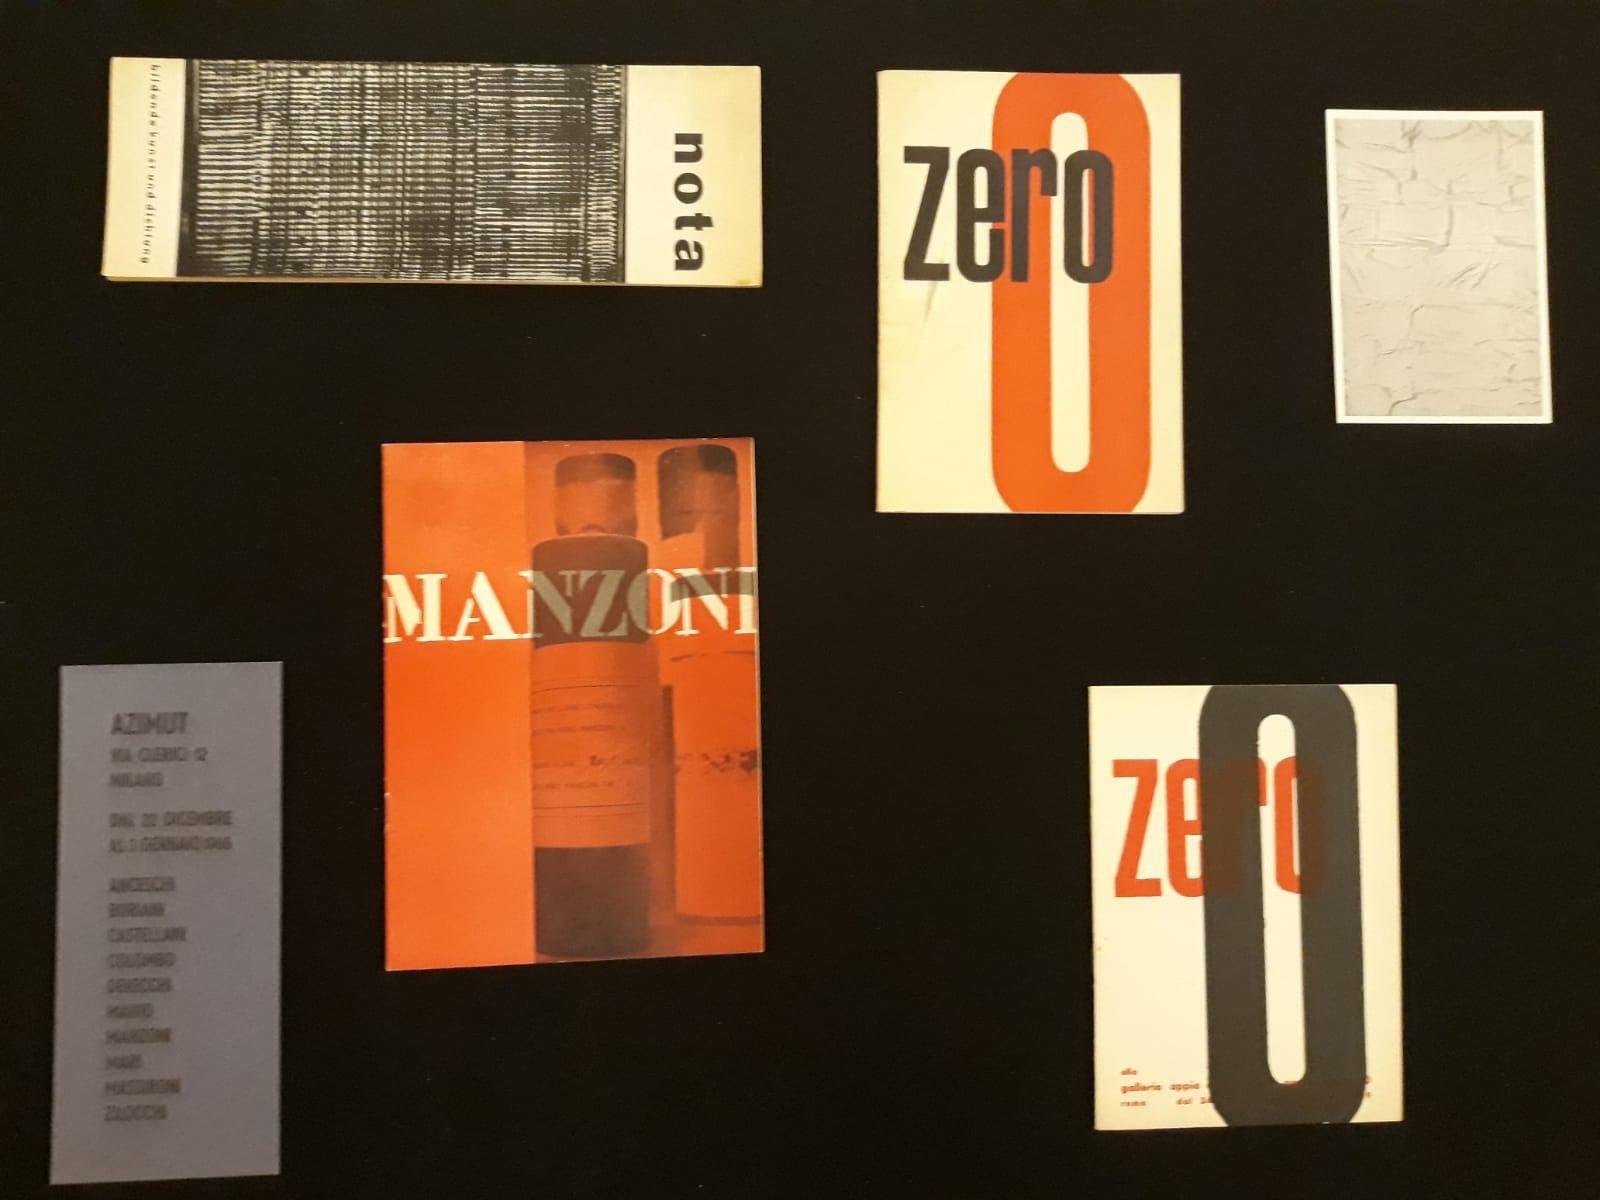 Straordinaria mostra sui documenti di Piero Manzoni alla Hauser & Wirth di Los Angeles